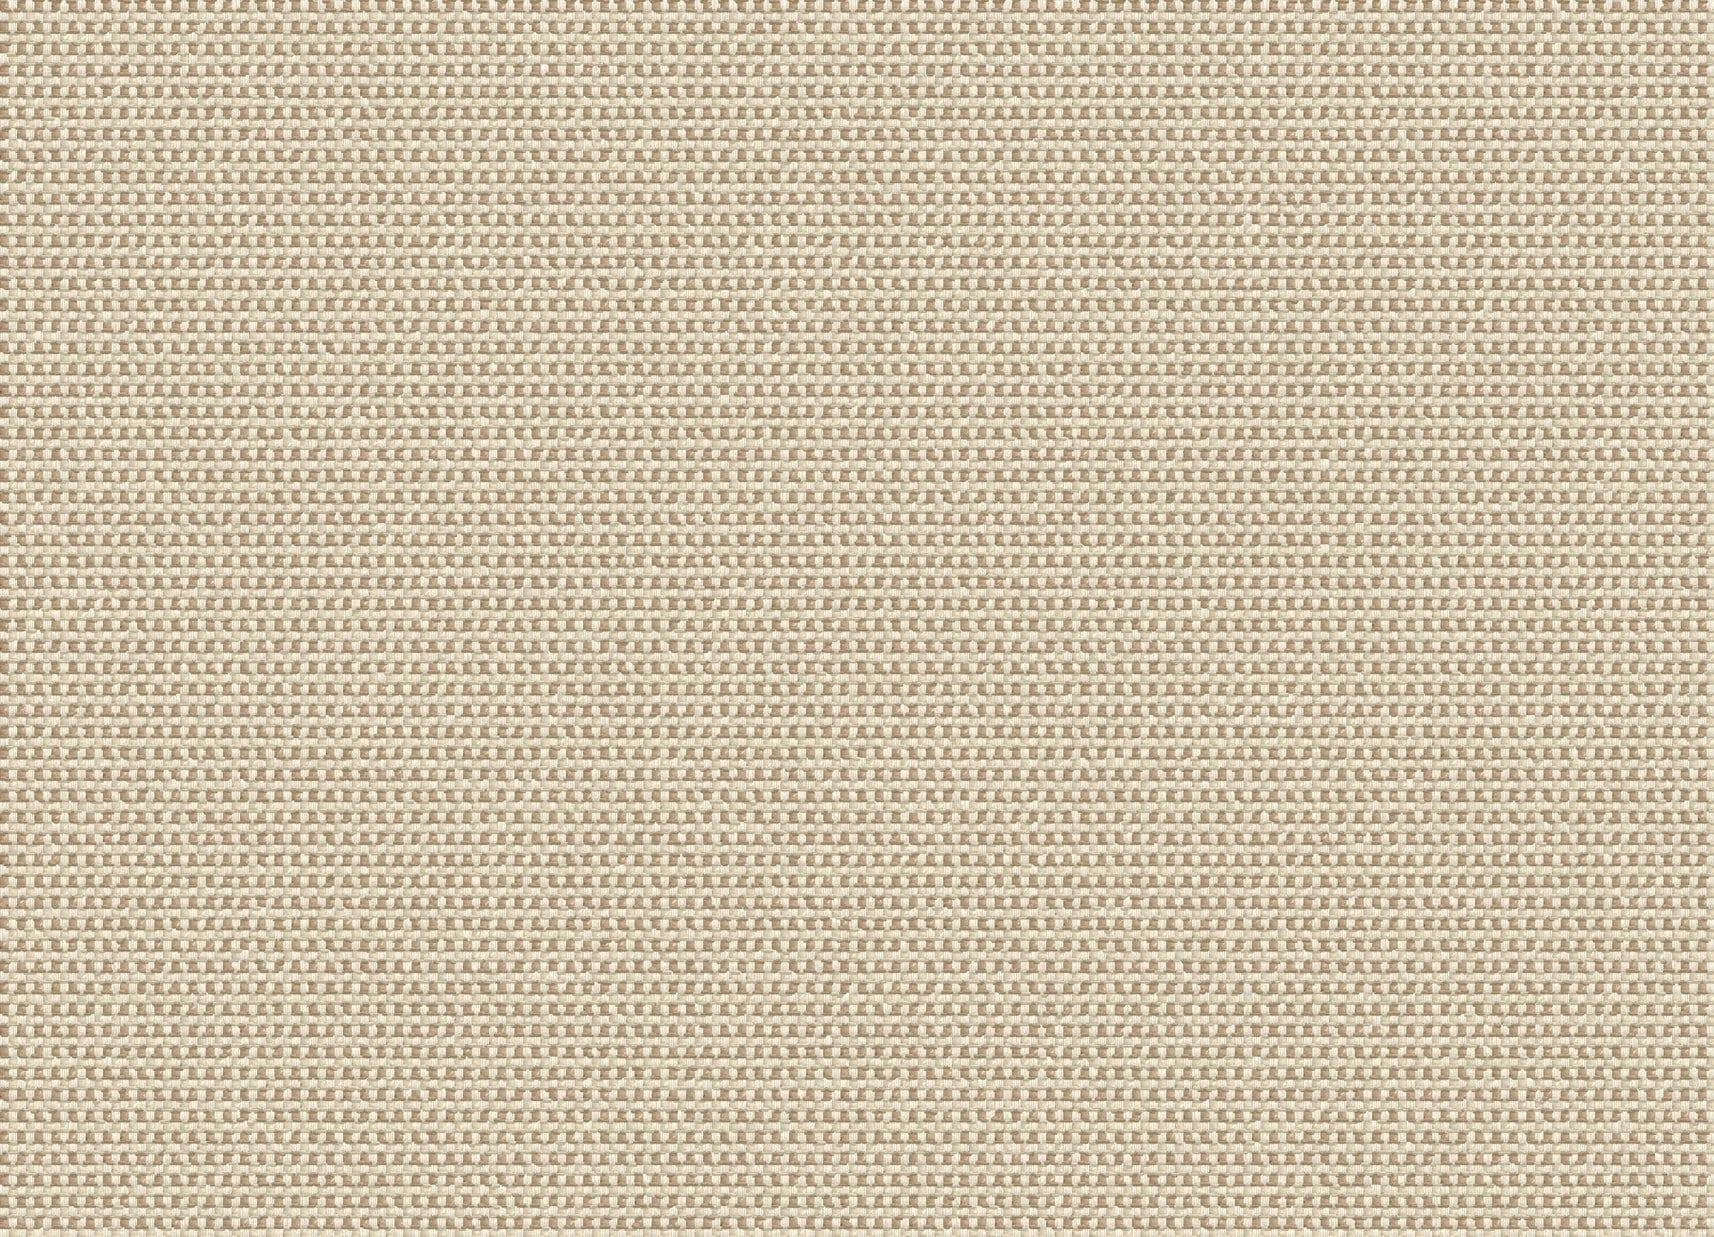 Tissu d'ameublement extérieur intérieur Outdura par bouleau la Cour ~ Denis bouleau par d76010